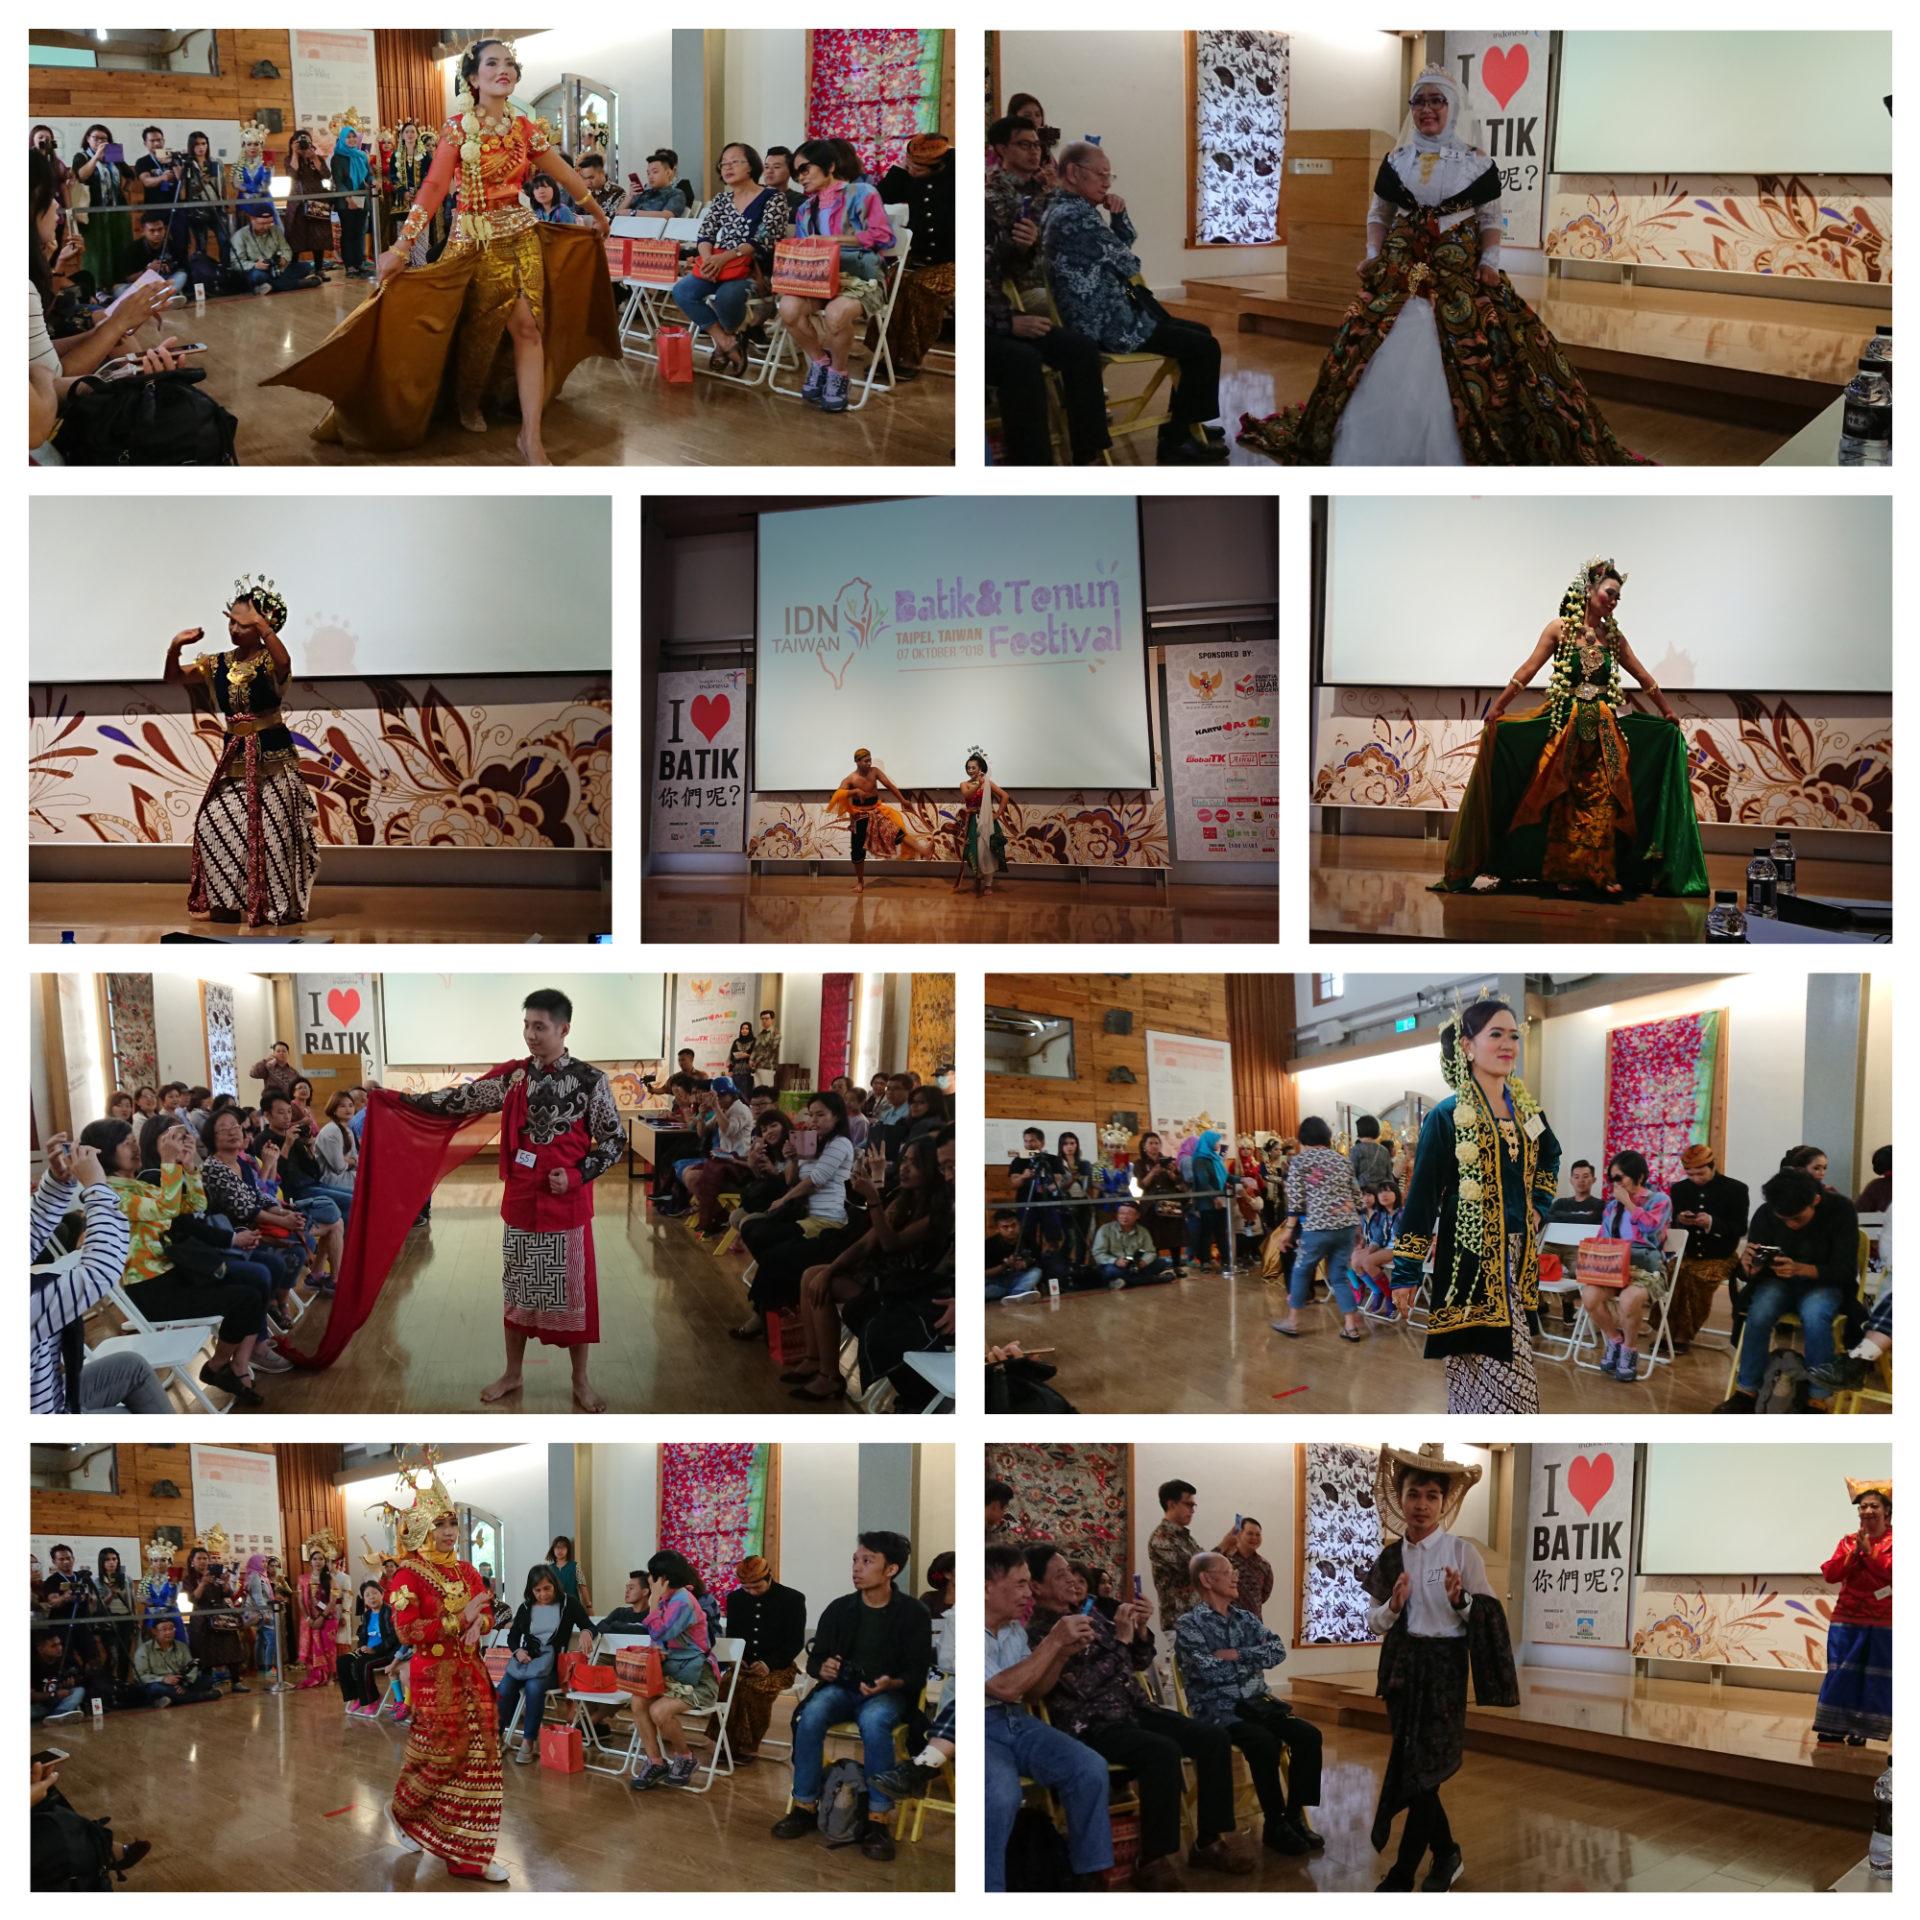 印尼新住民、新二代、移工與學生盛裝打扮,展示印尼傳統舞蹈與風格多變的蠟染服飾。 (攝影:田偲妤)